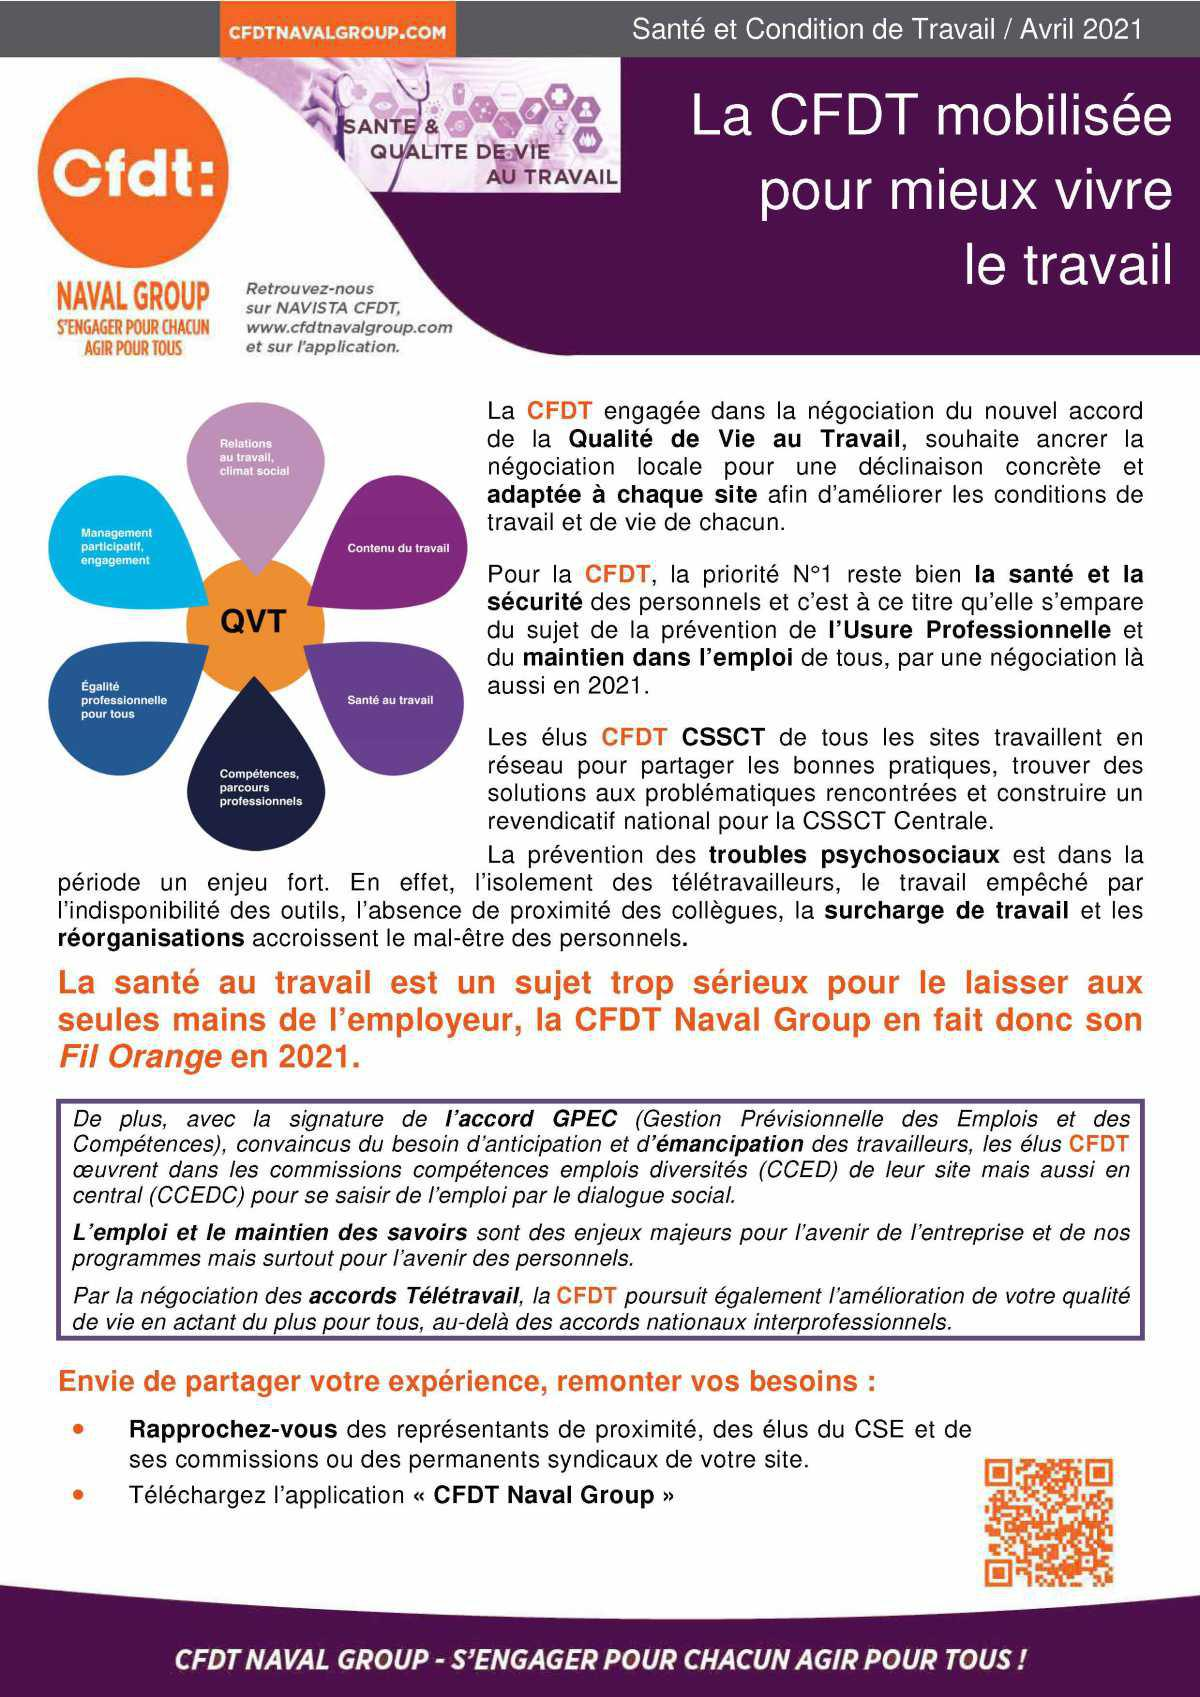 QVT : La CFDT mobilisée pour mieux vivre le travail